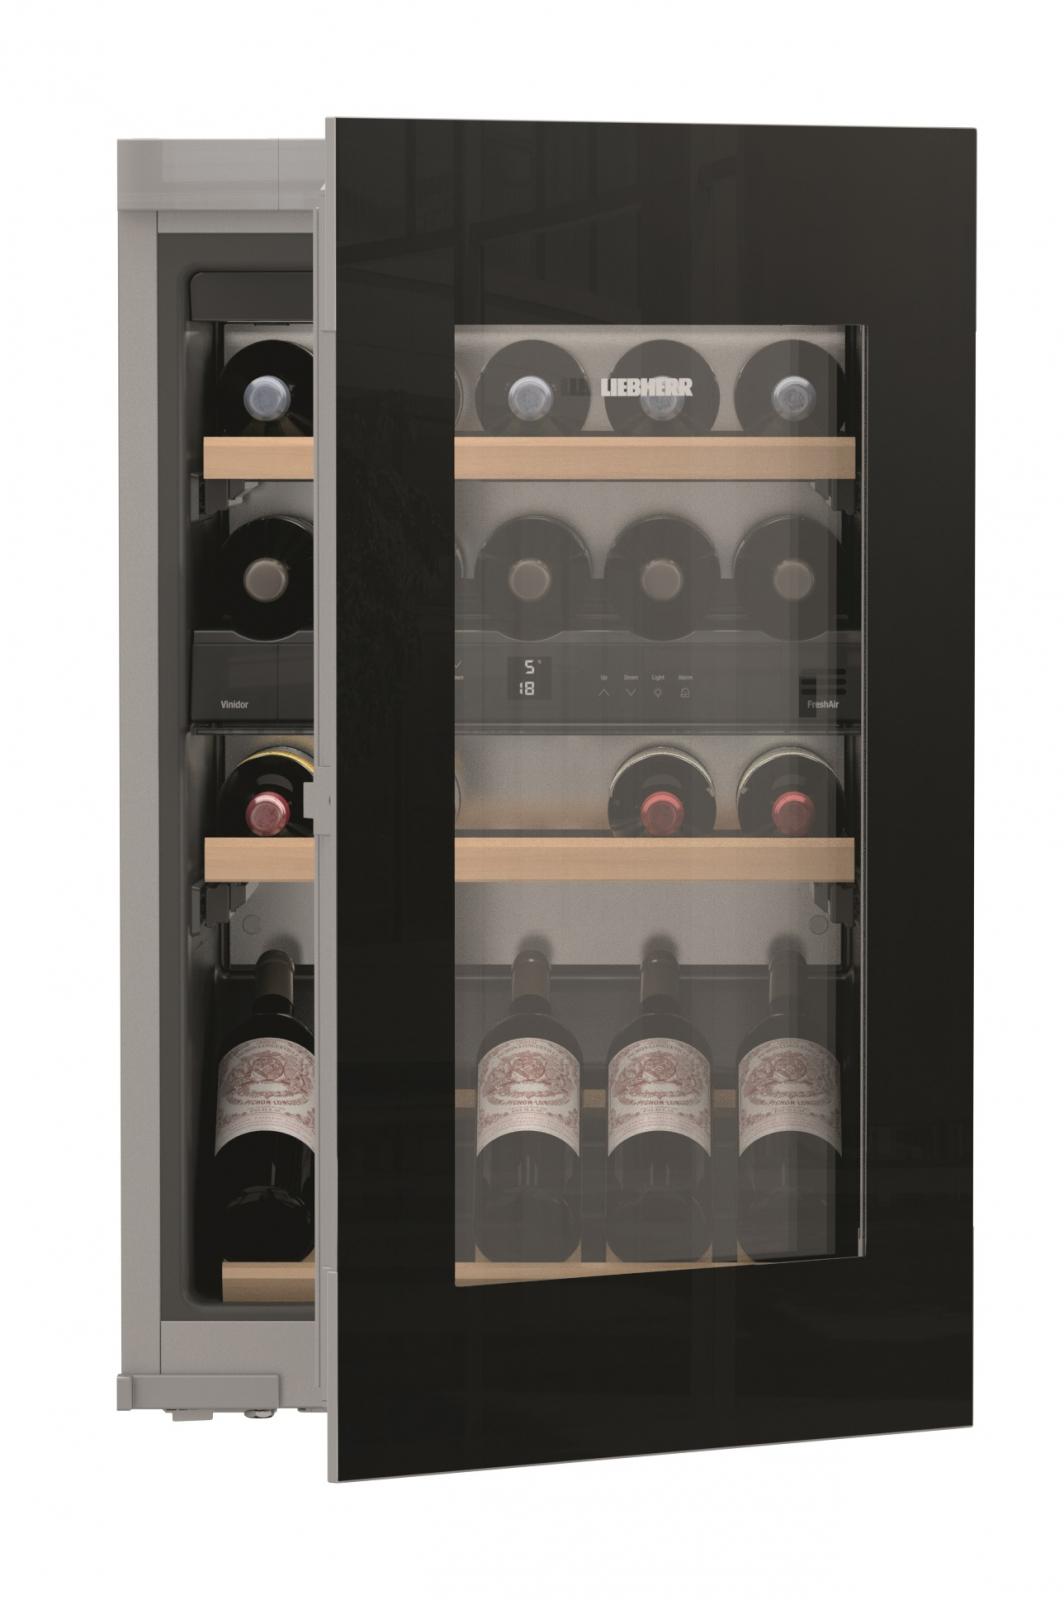 Встраиваемый винный шкаф Liebherr EWTgb 1683 купить украина